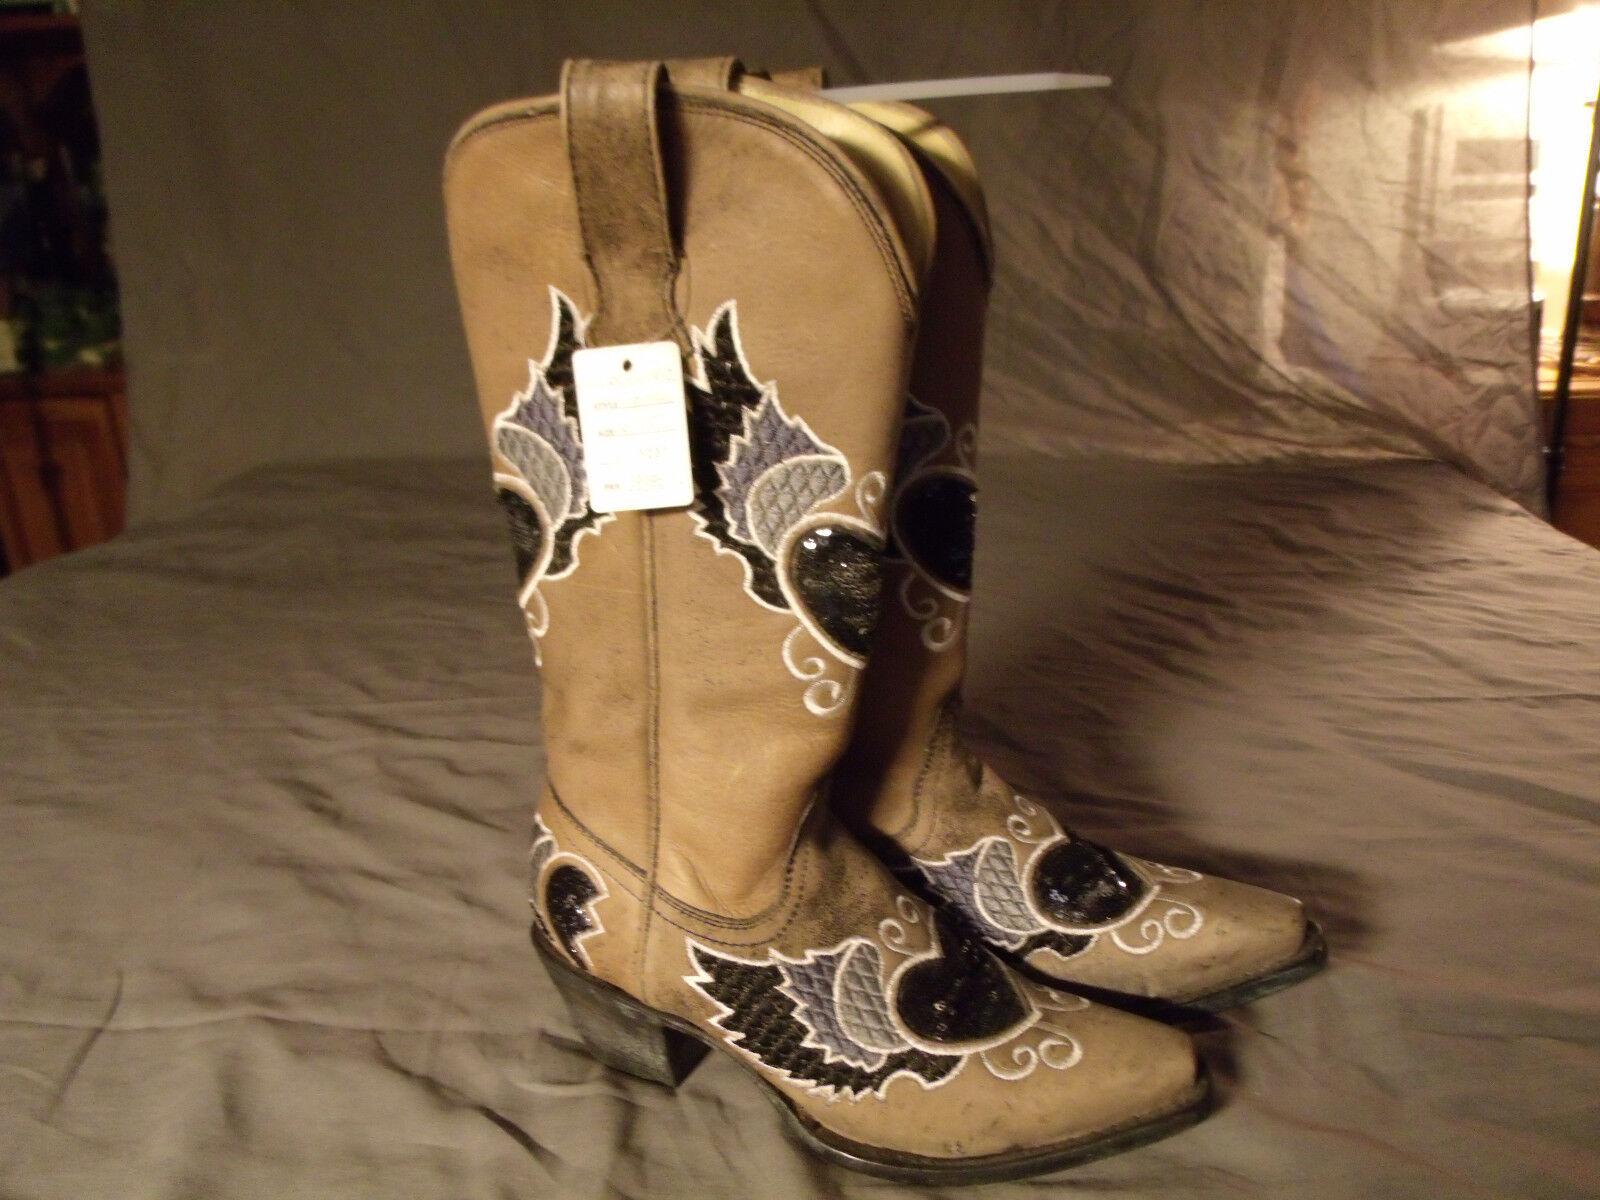 botas de vaquero occidental Corral Damas Damas Damas Negro gris corazón ala Lentejuelas R1015 Talla 6.5M  se descuenta